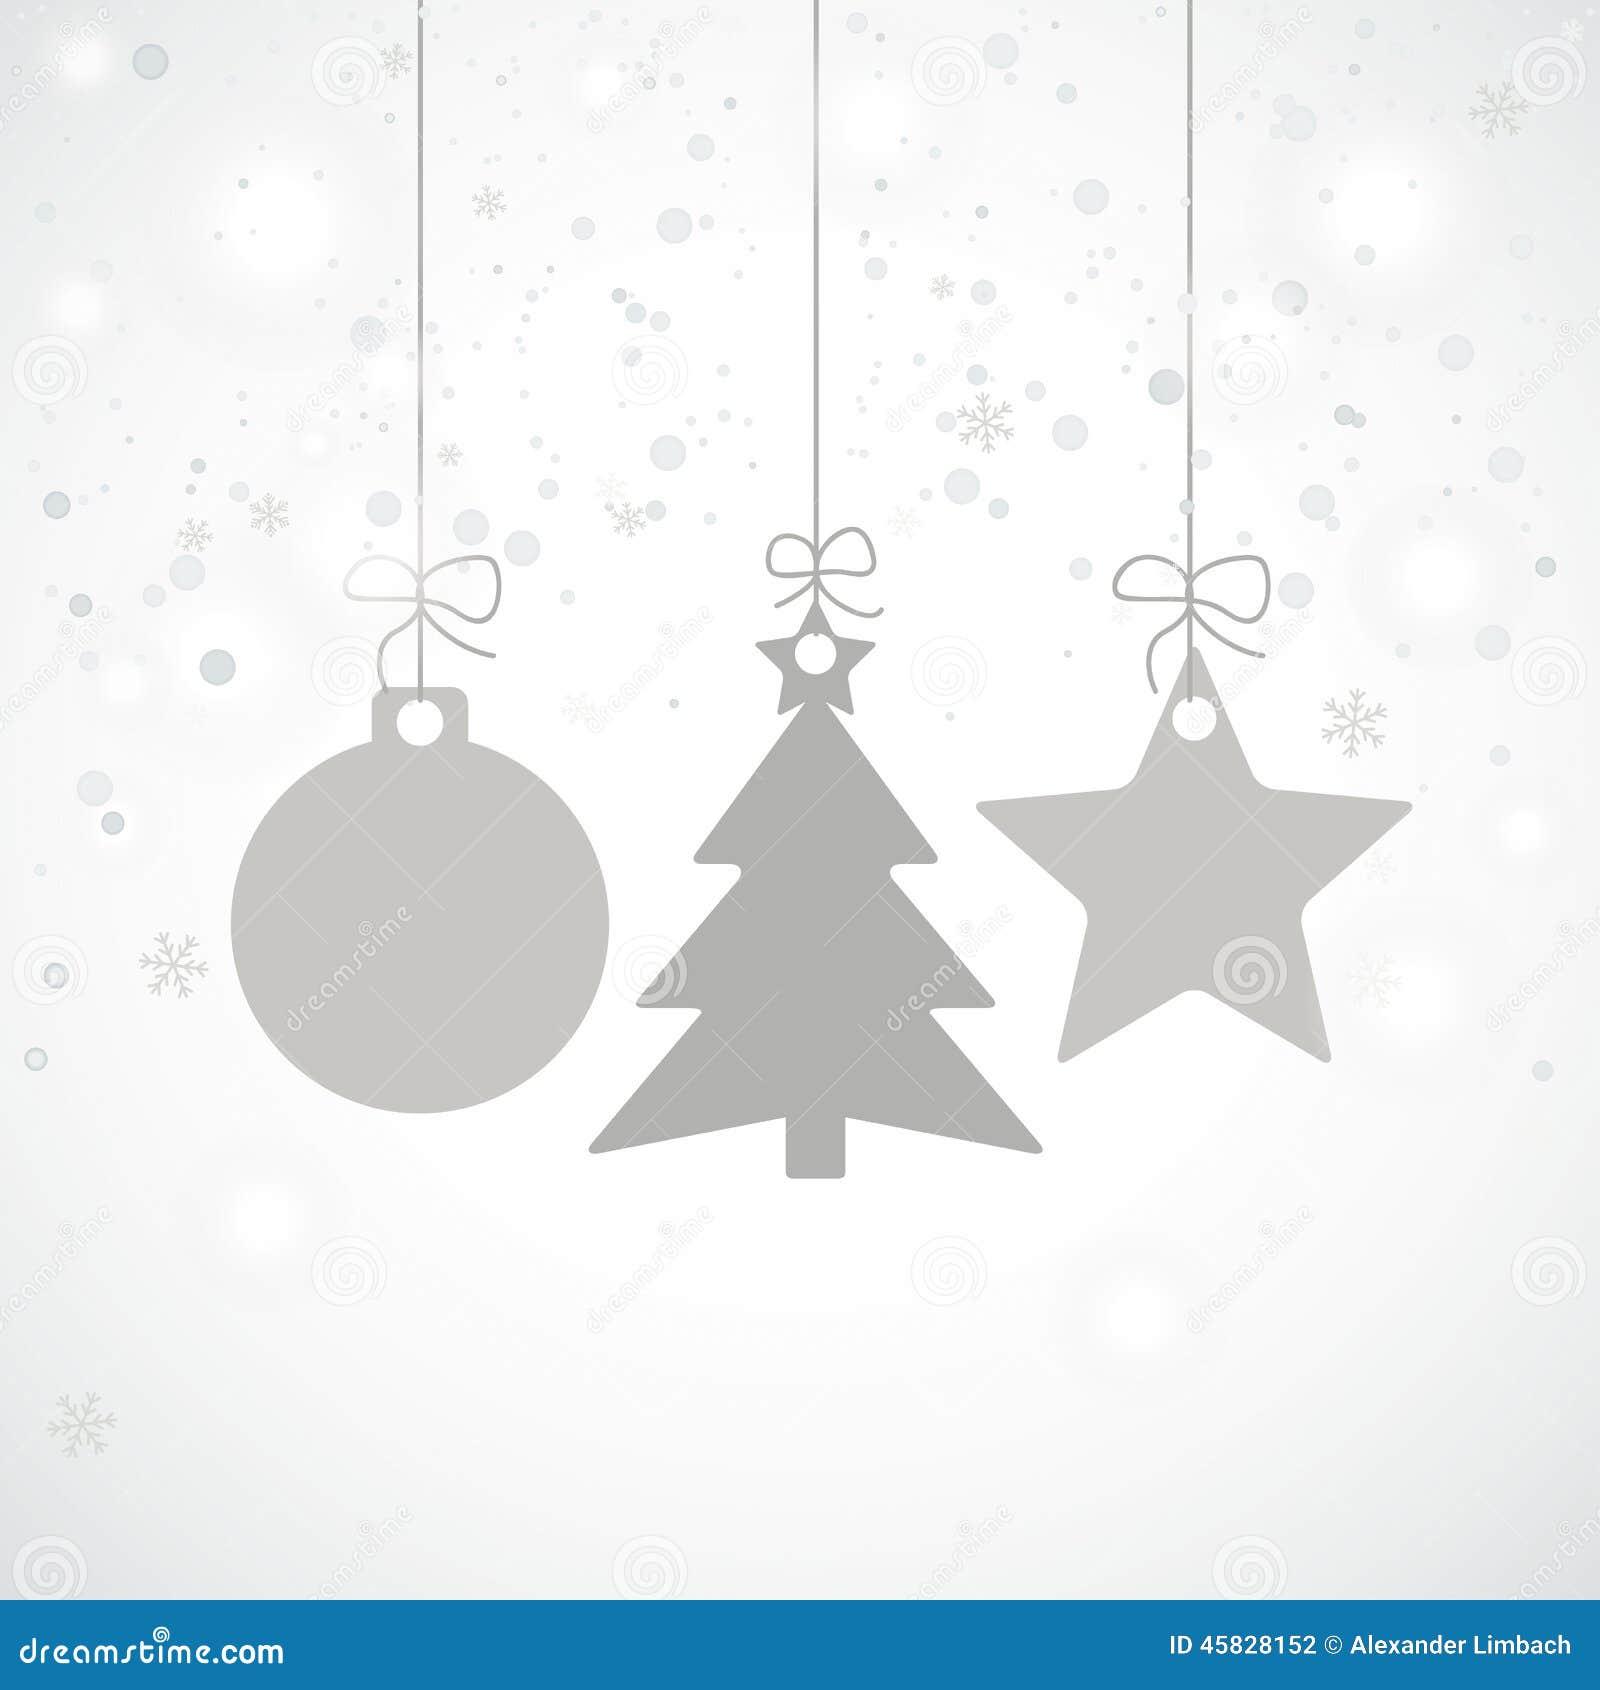 Grey Christmas Tree Grey Christmas Card Stars Tree Snowfall Stock Vector Image 45828152